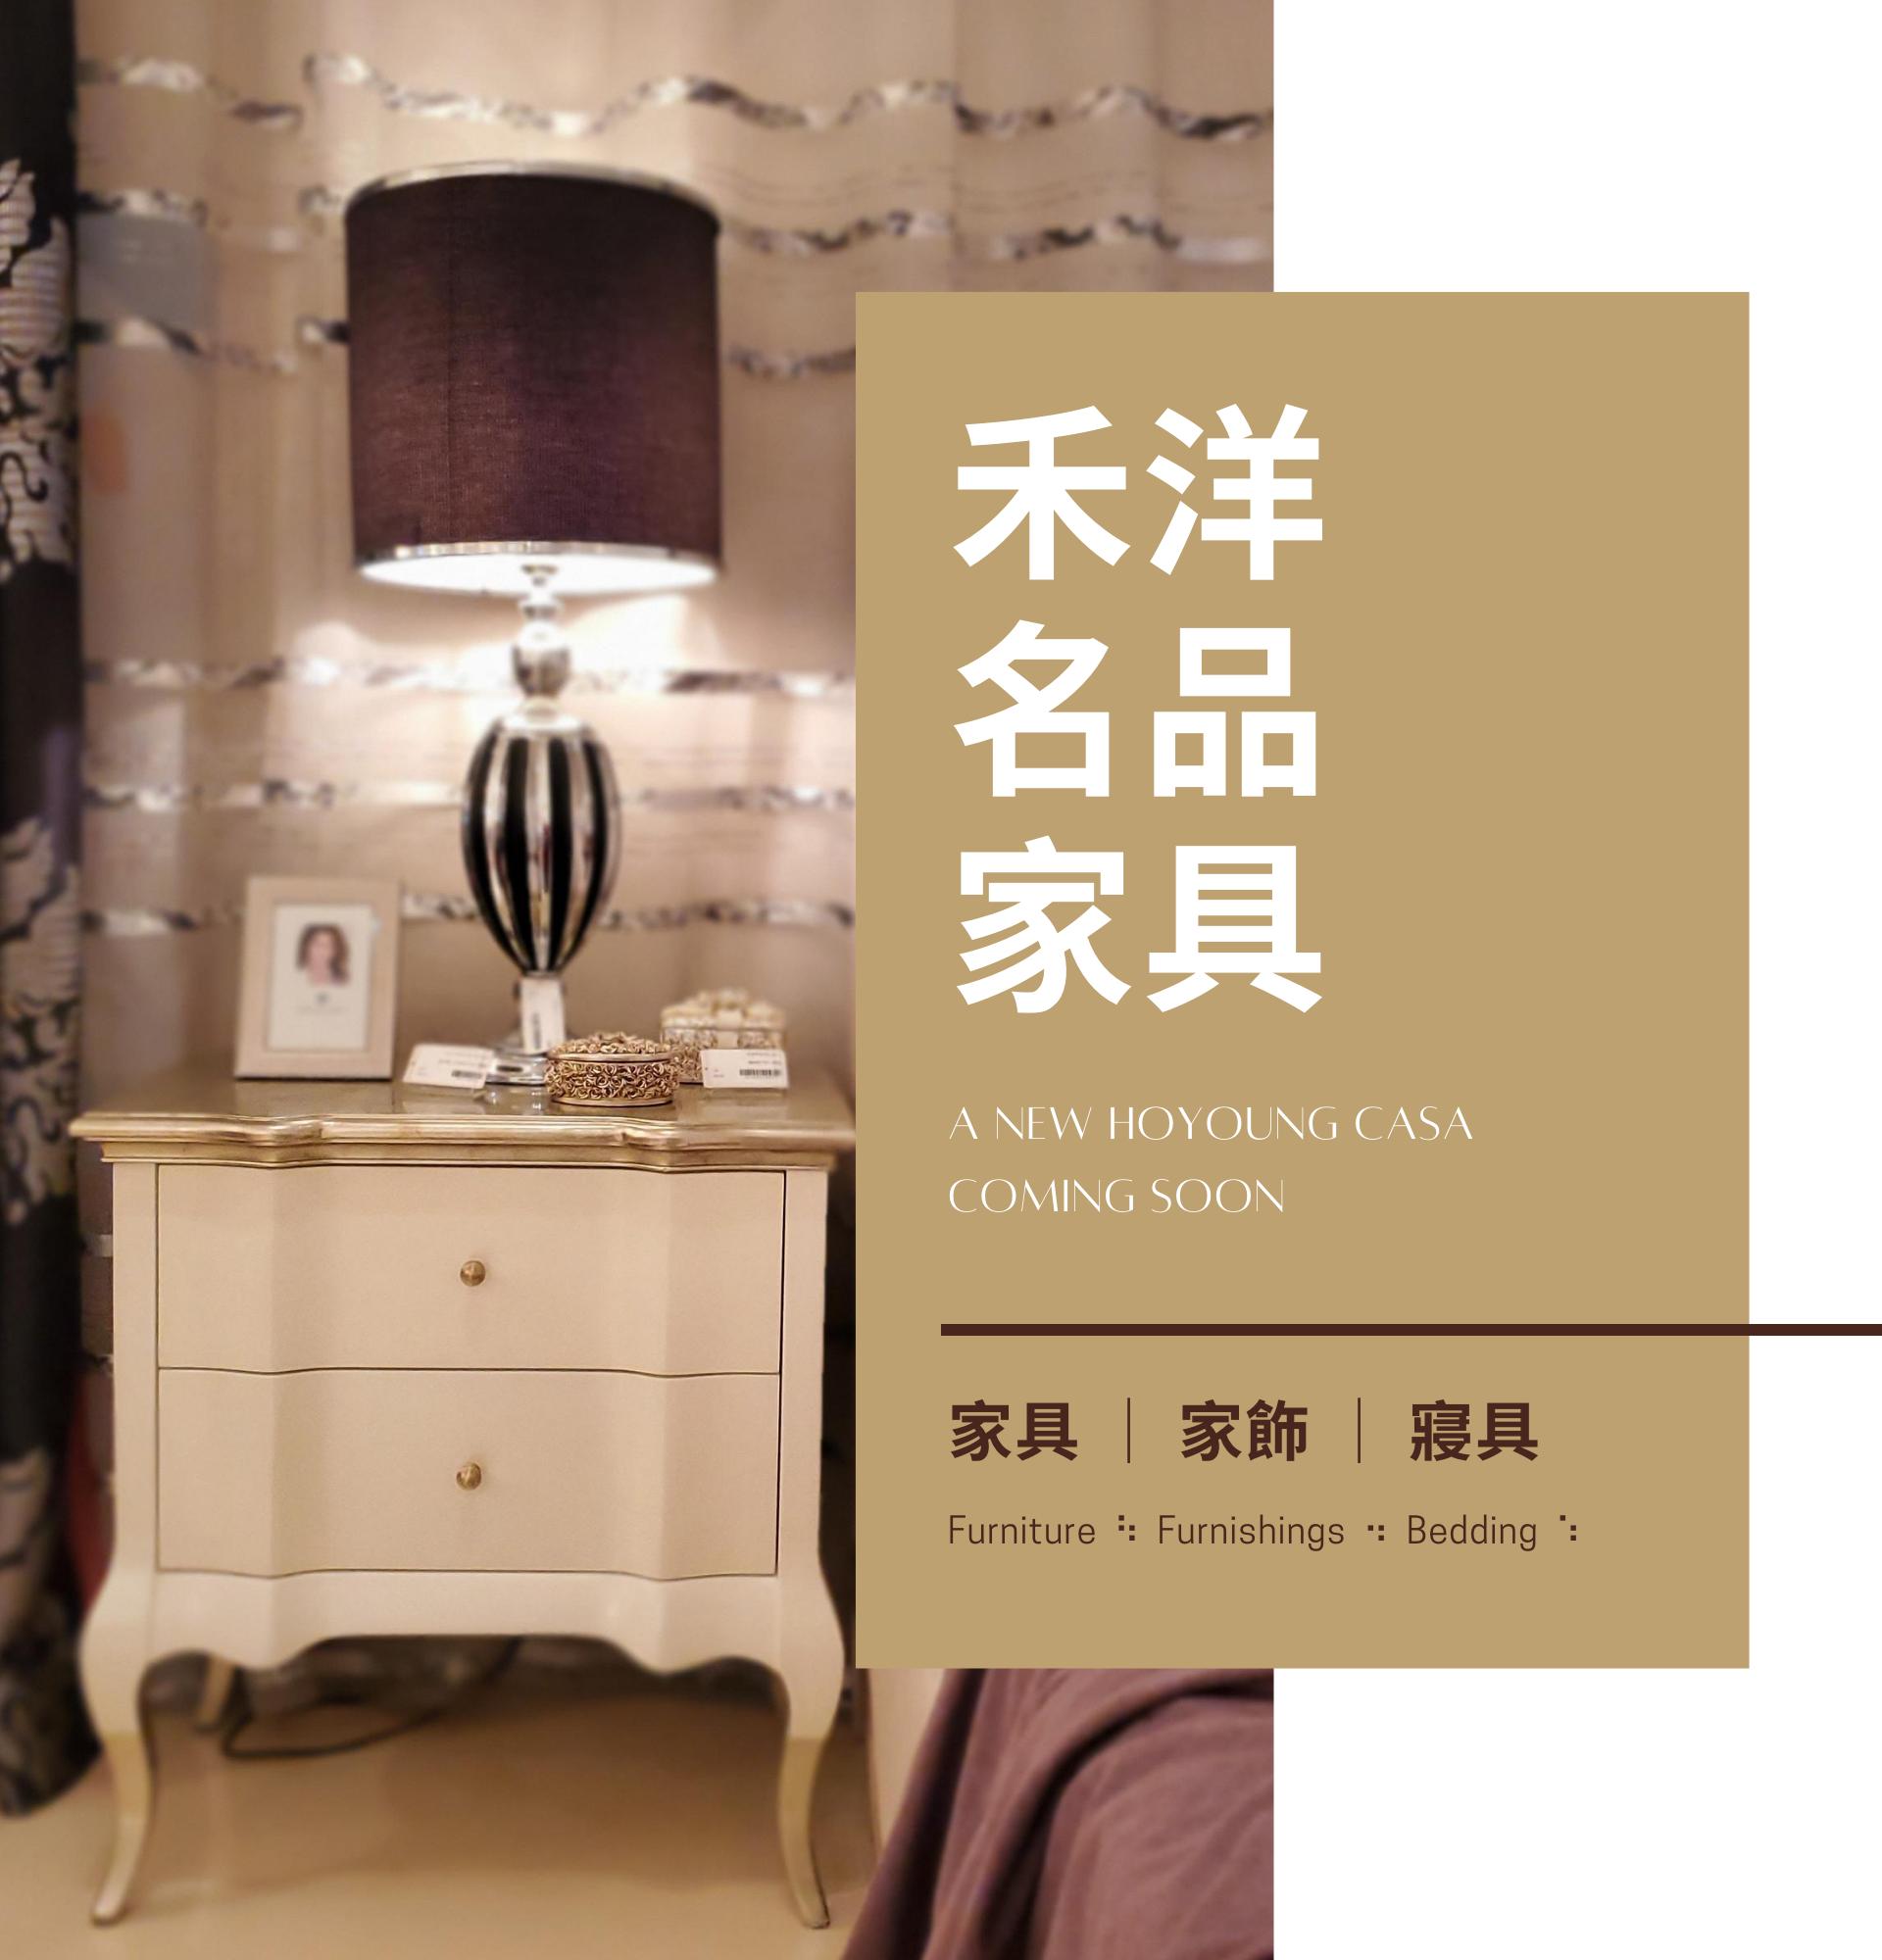 一個床頭櫃,一個檯燈,一個相框,幾件裝飾收納盒-禾洋名品家具